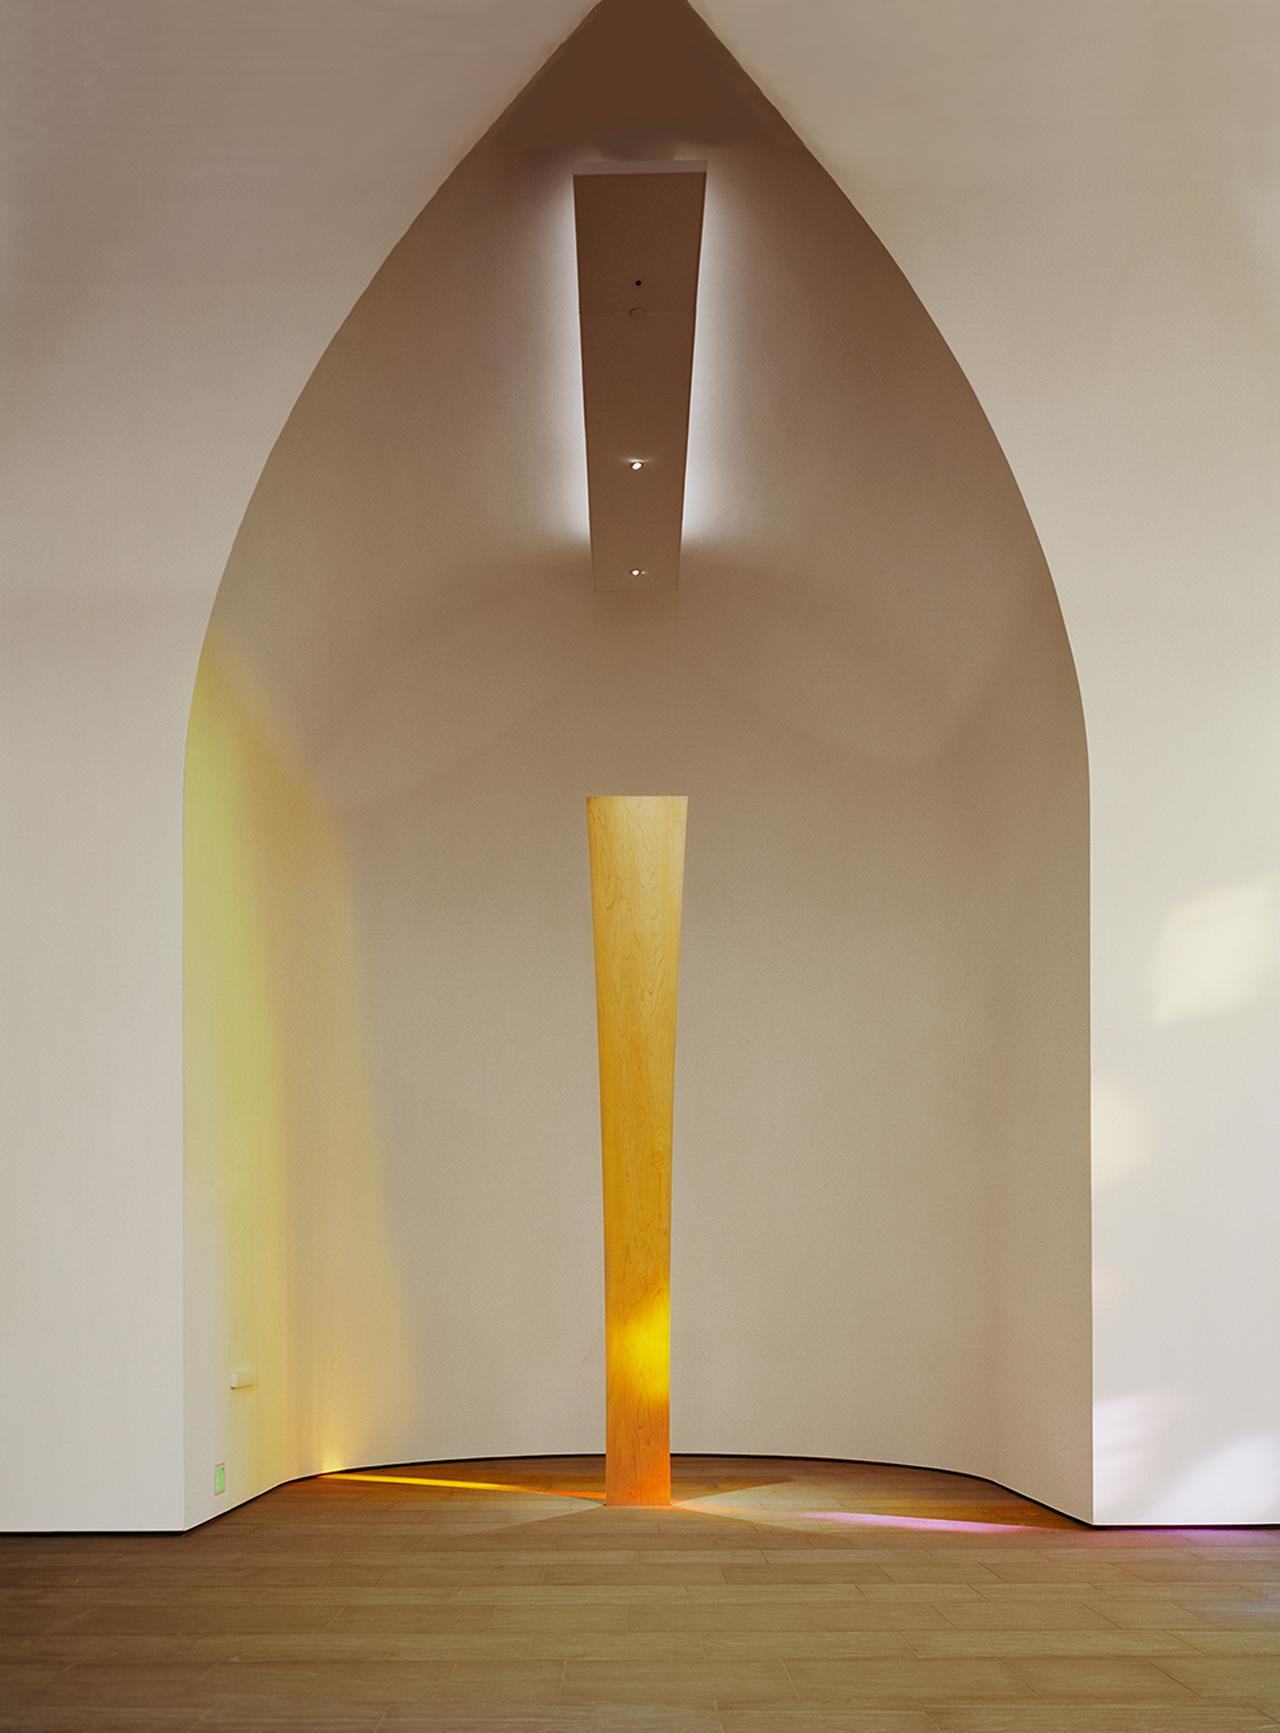 Images : 5番目の画像 - 「形と色を追求したアーティスト エルズワース・ケリーが遺した 「光の寺院」」のアルバム - T JAPAN:The New York Times Style Magazine 公式サイト